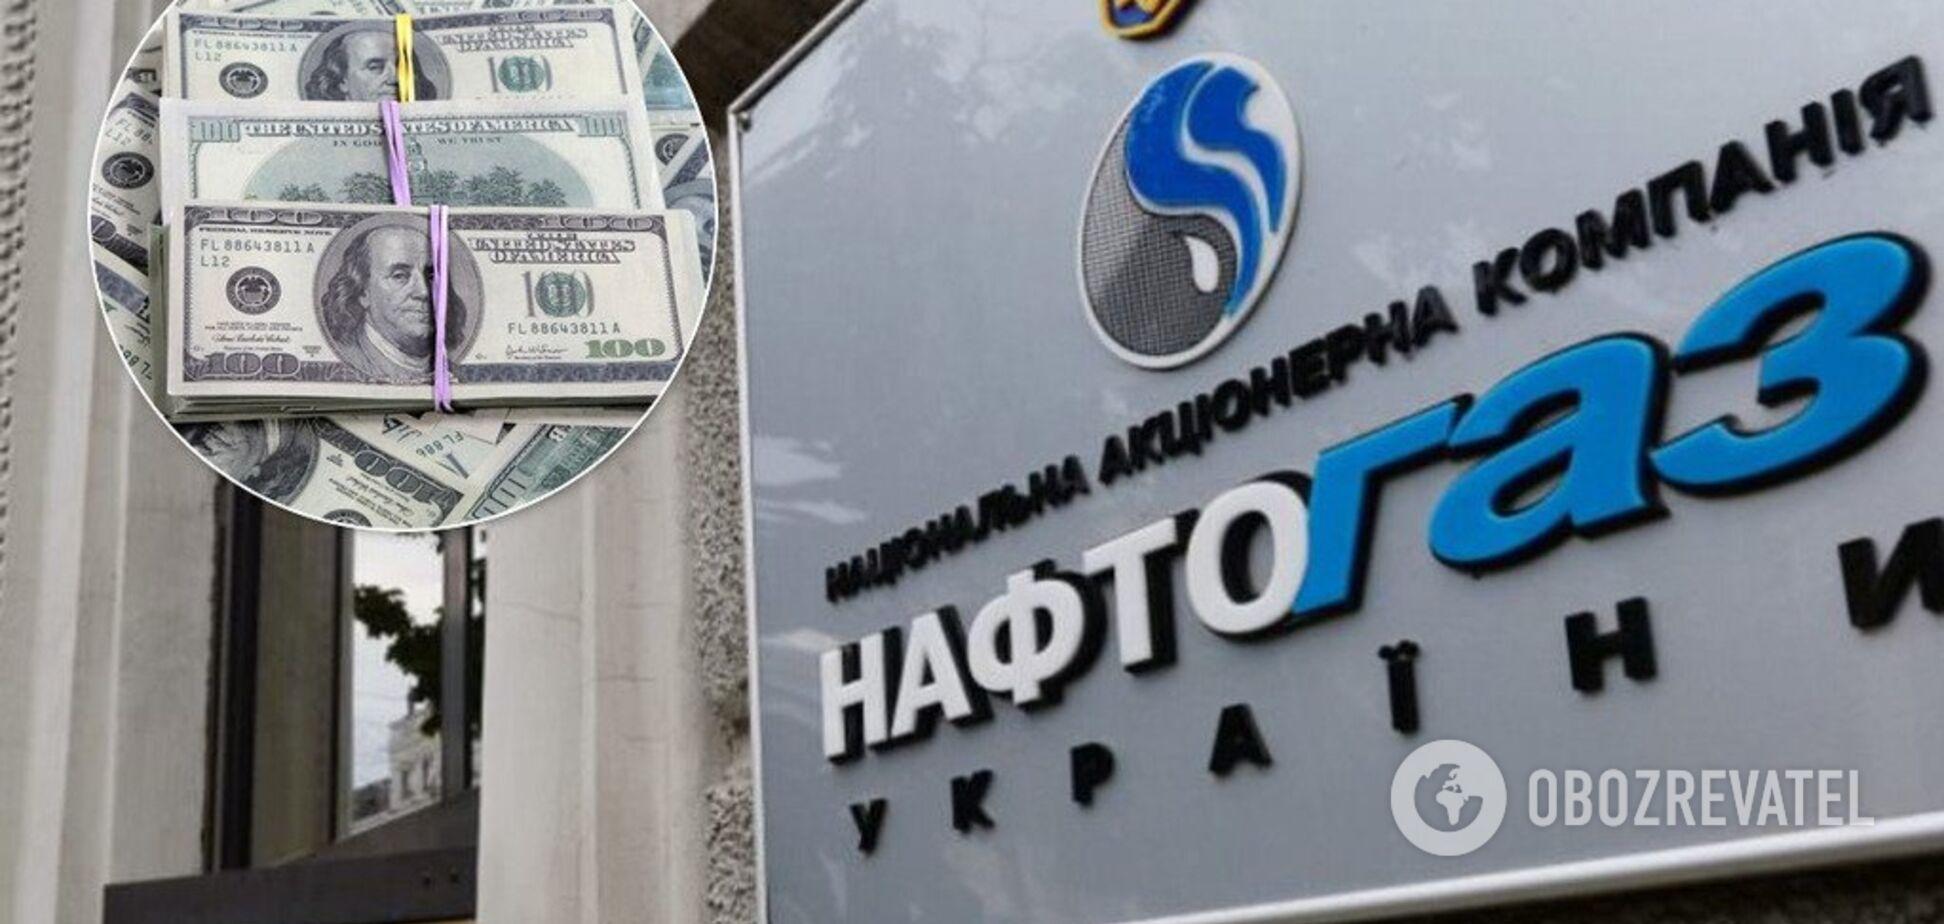 Премії за перемогу над 'Газпромом': Вітренко пролив світло на суми